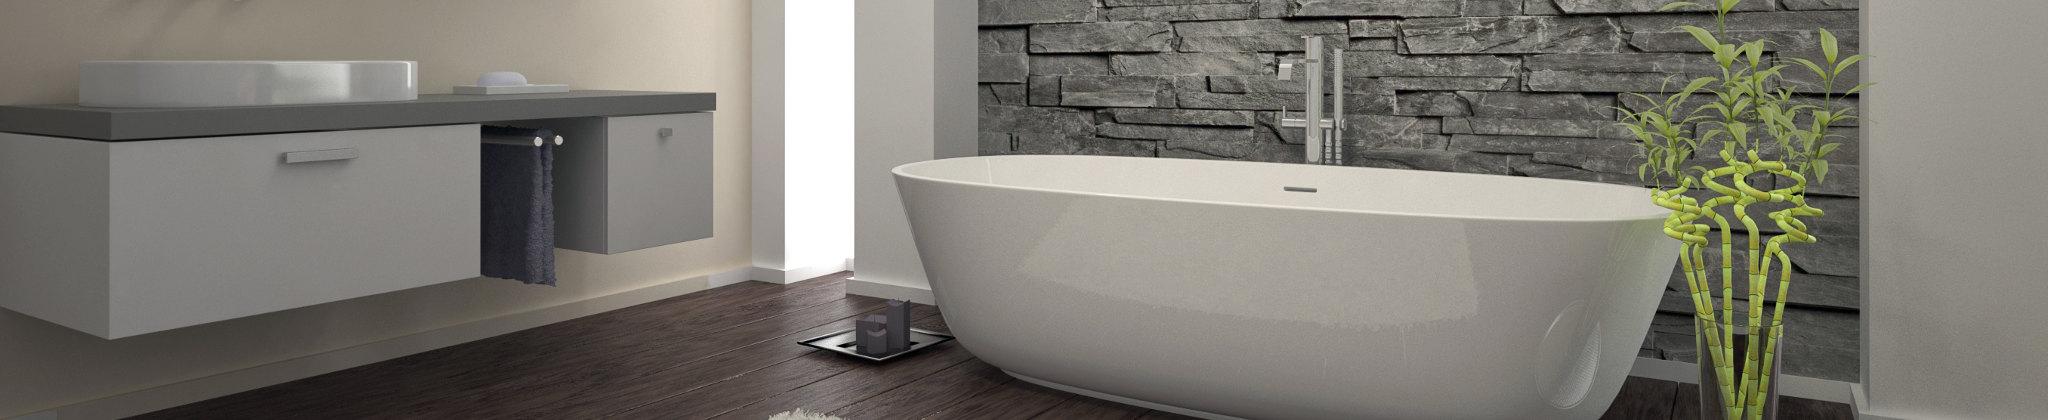 Alles Fürs Badezimmer : Vom keller bis zum dach alles aus einer hand fliesen